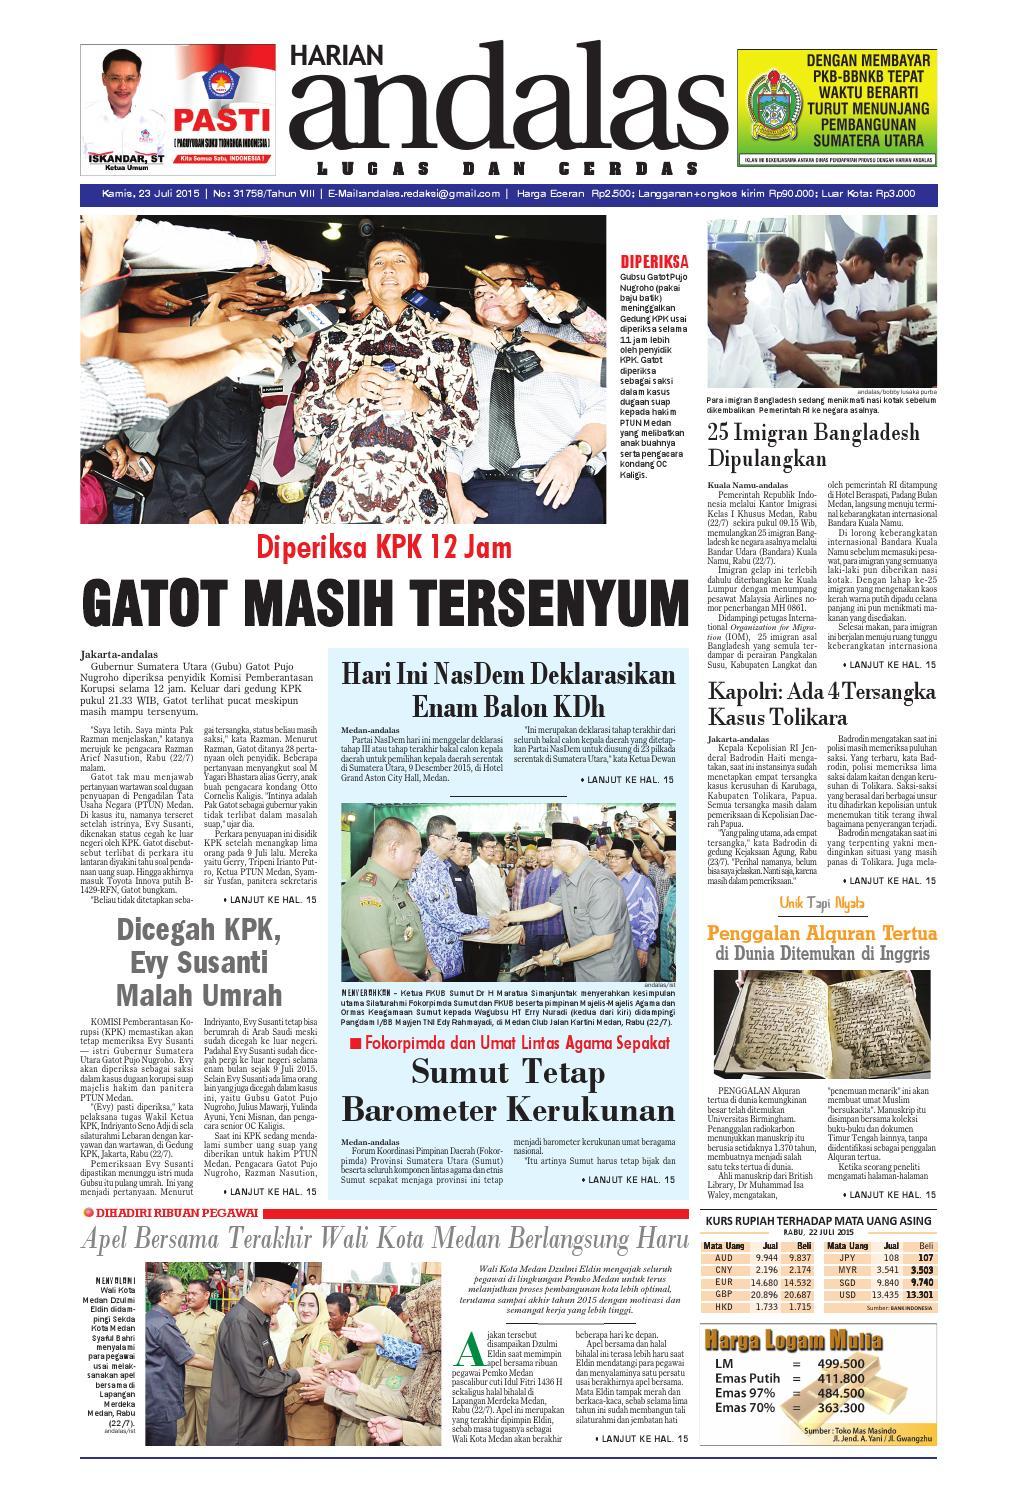 Epaper Andalas Edisi Kamis 23 Juli 2015 By Media Andalas Issuu